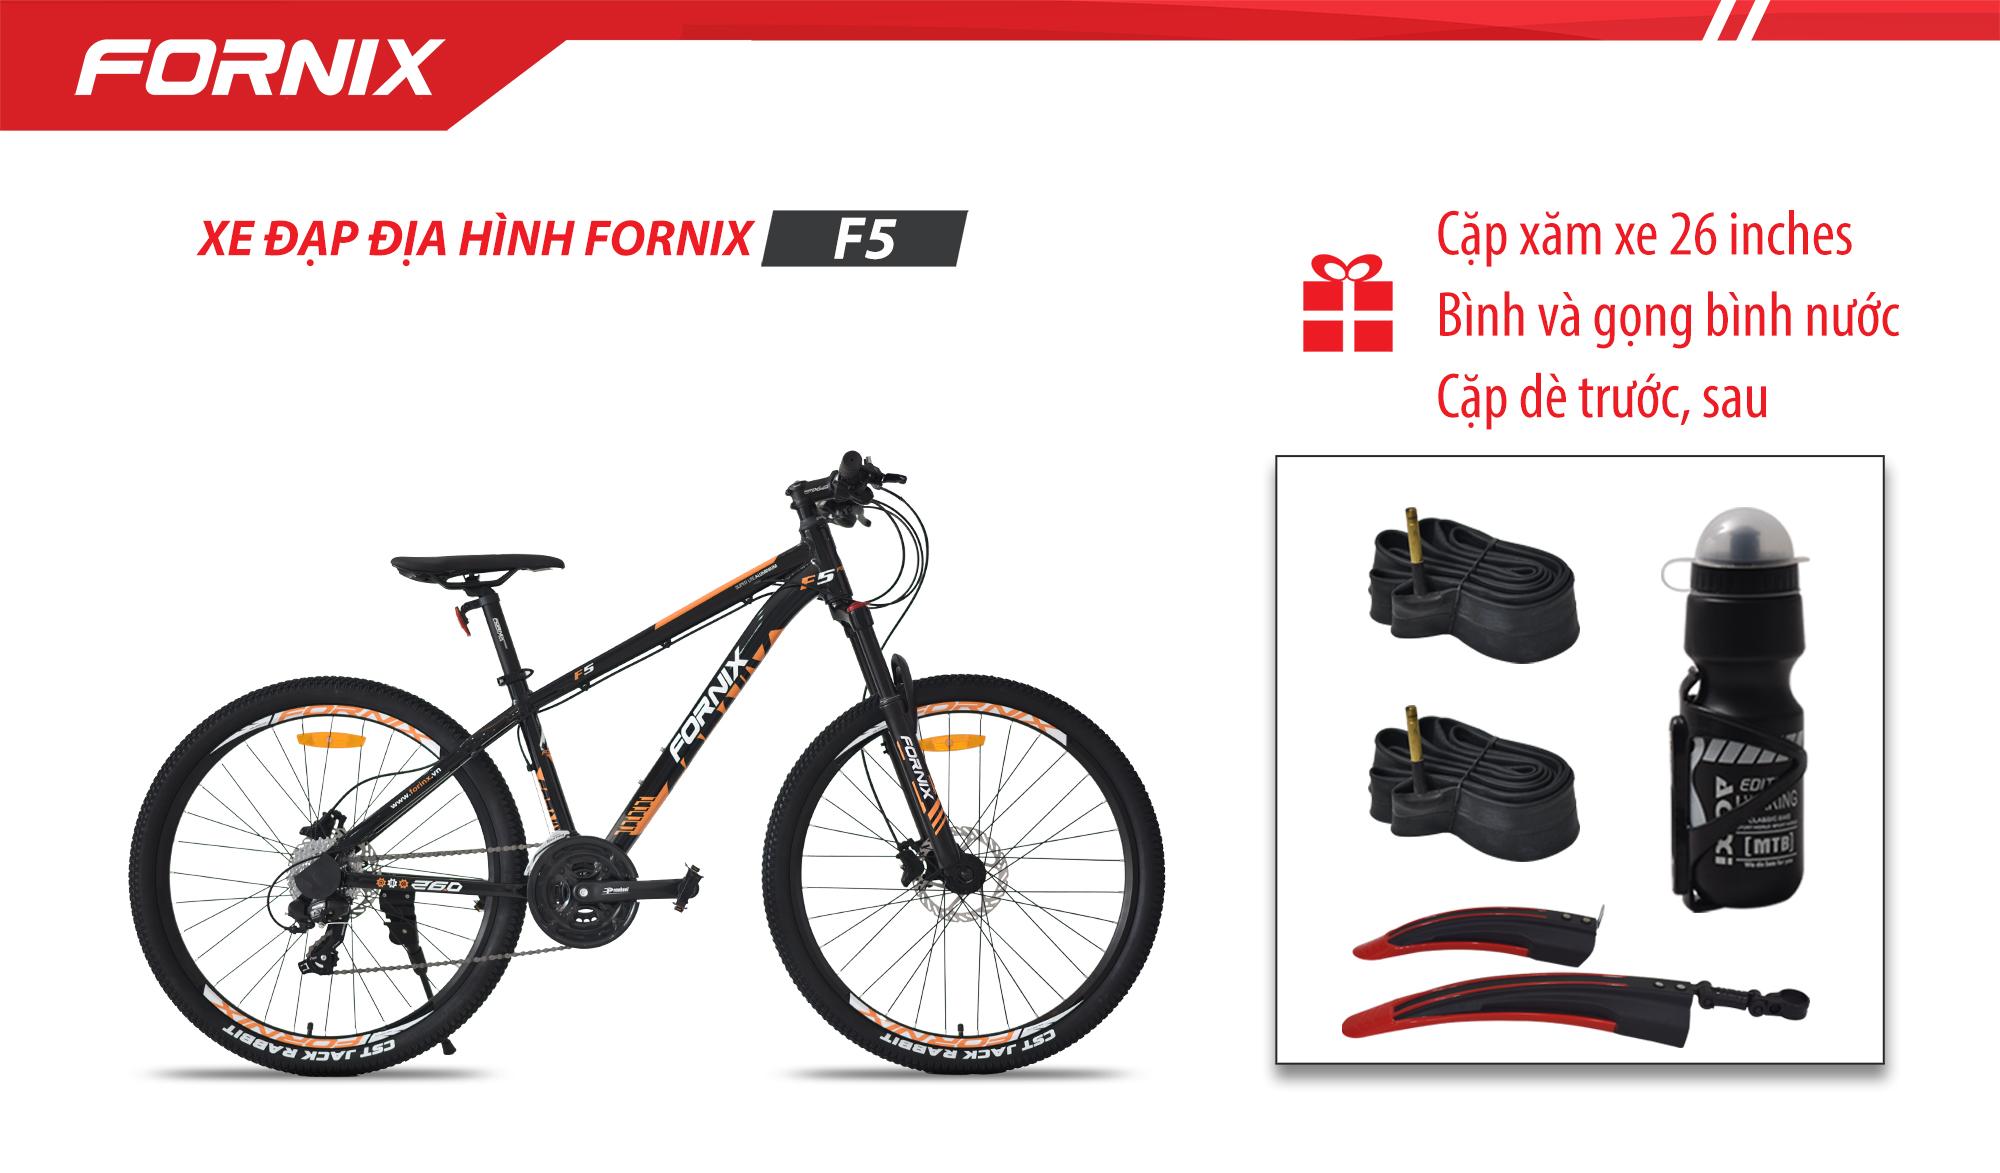 Mua Xe đạp địa hình thể thao Fornix F5+ (Gift) Cặp ruột 26 + Bình và gọng bình + Cặp dè